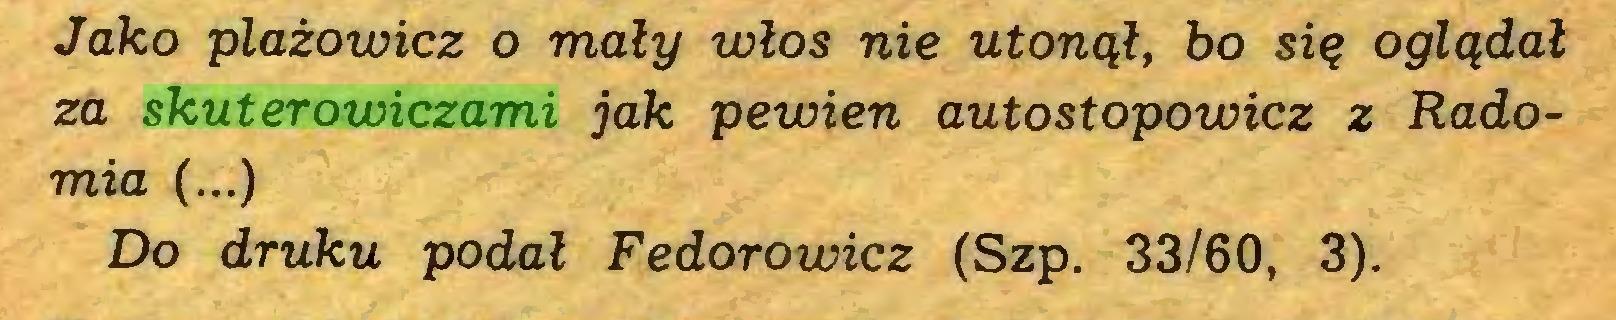 (...) Jako plażowicz o mały włos nie utonął, bo się oglądał za skuterowiczami jak pewien autostopowicz z Radomia (...) Do druku podał Fedorowicz (Szp. 33/60, 3)...